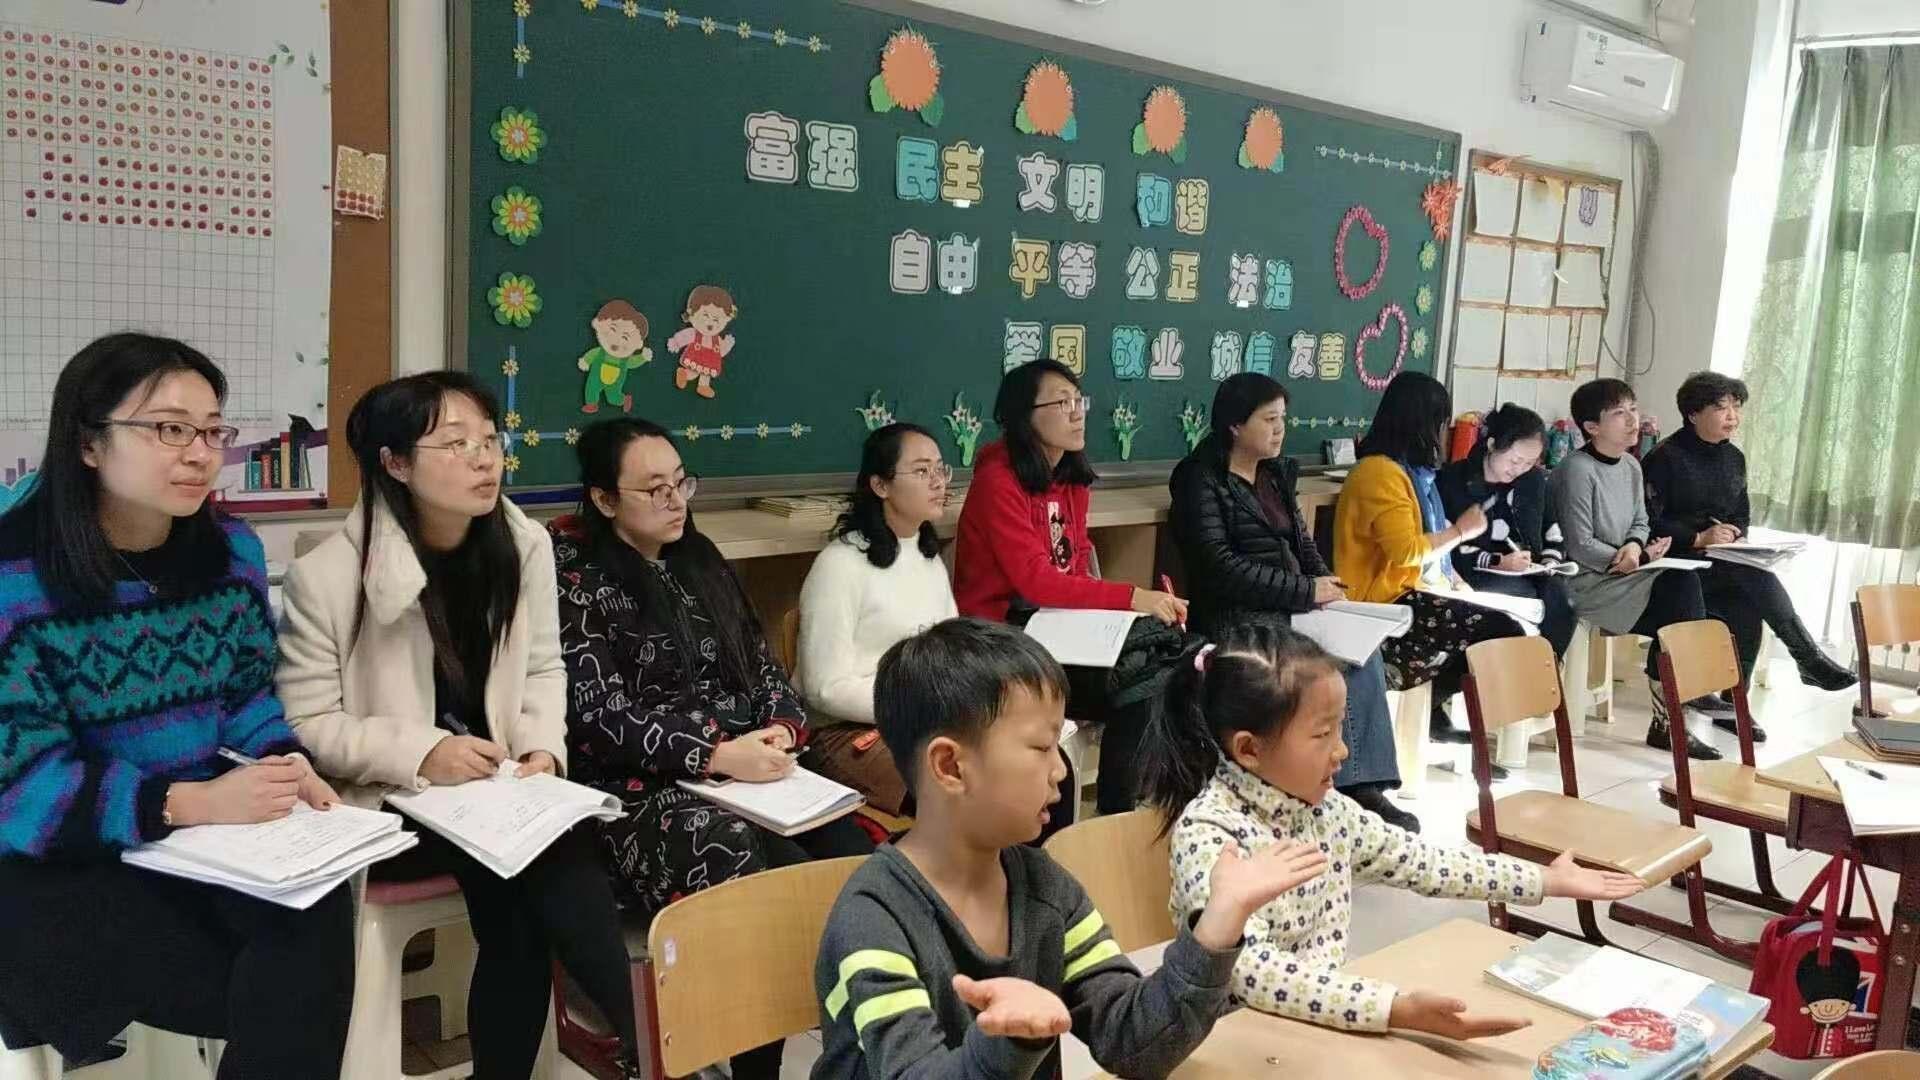 成长路上展风采  交流分享促提升 ──工大附中小学部开展新教师展示课活动